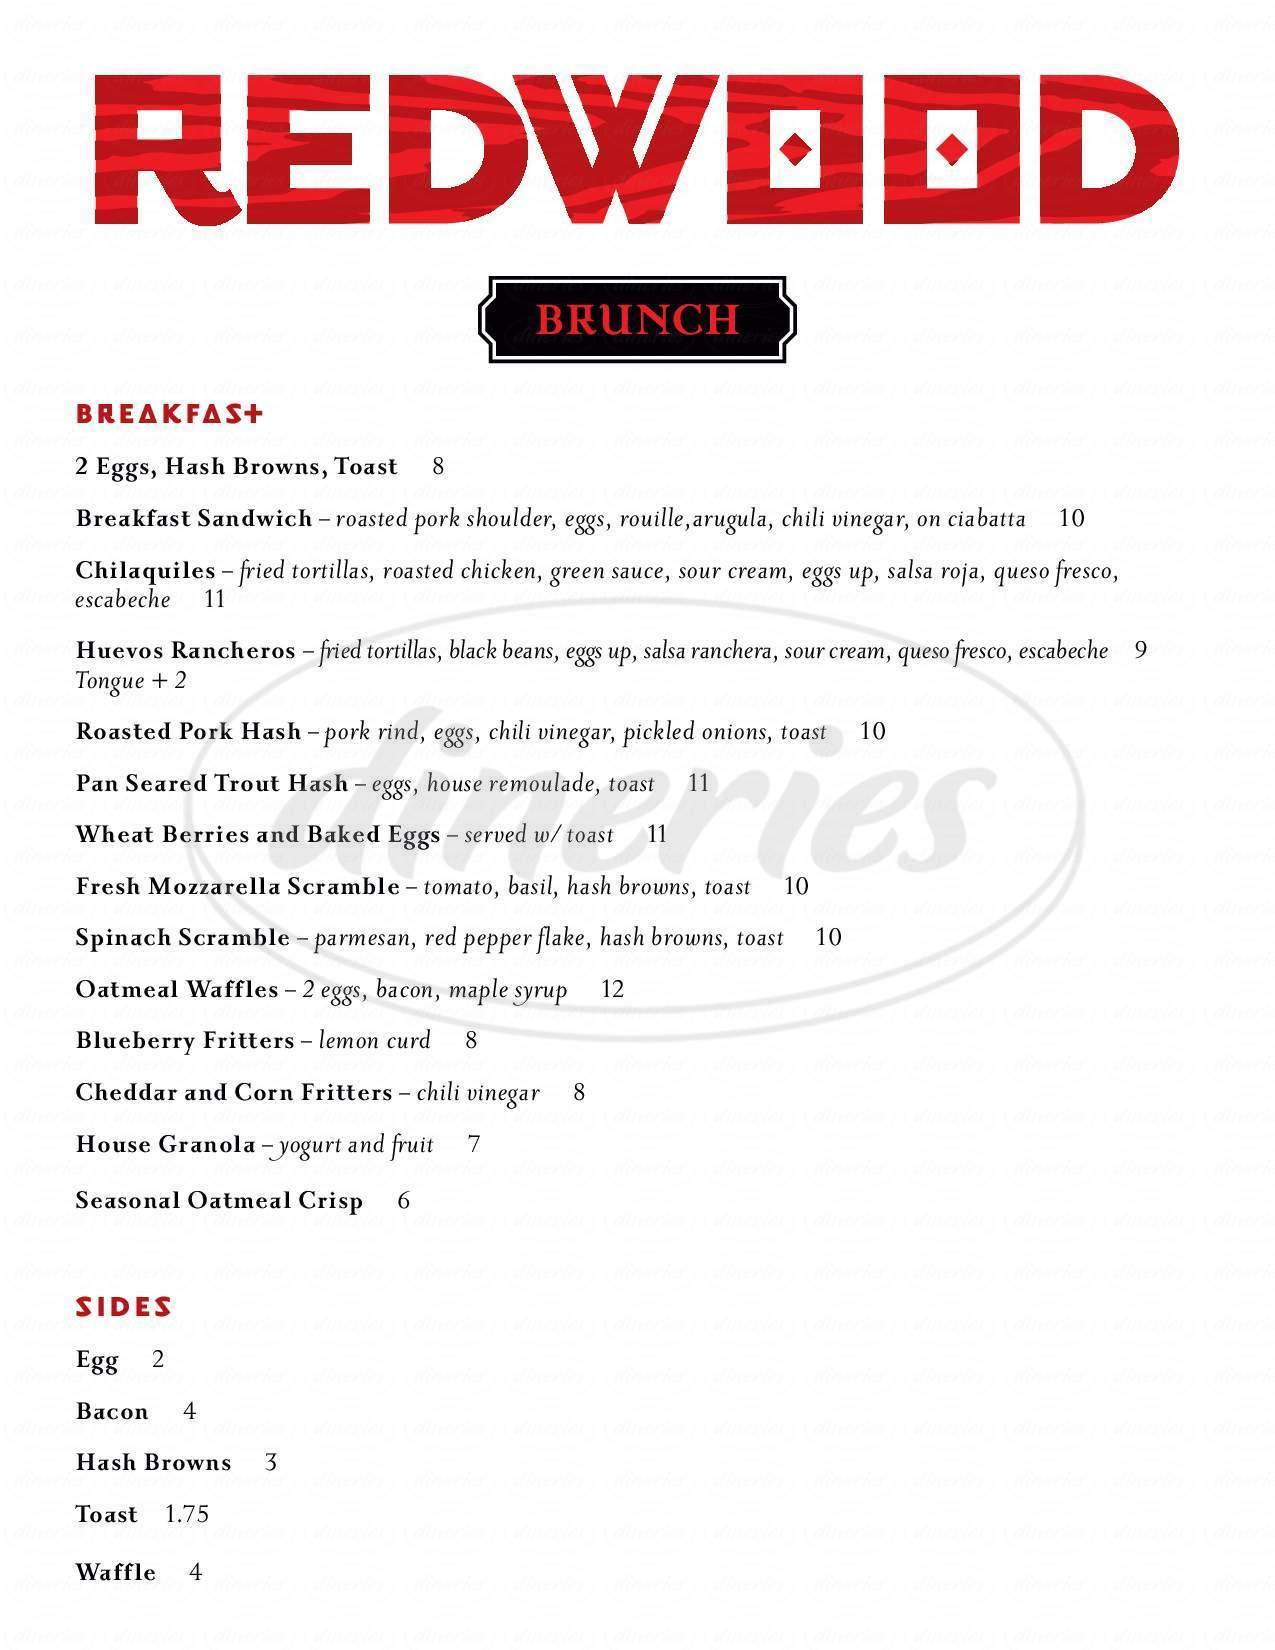 menu for Redwood